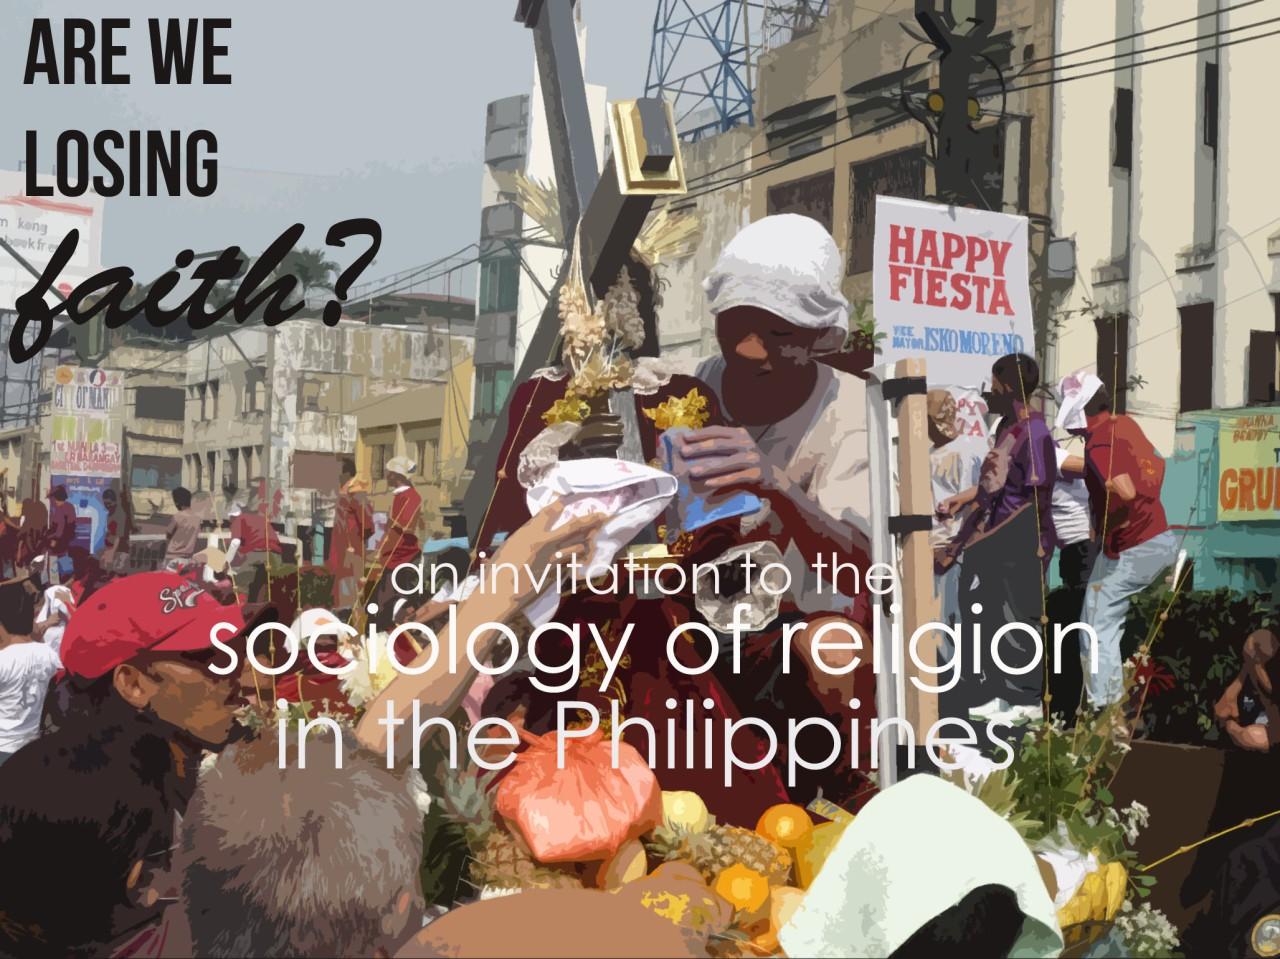 PSS-Religionphoto3 copy